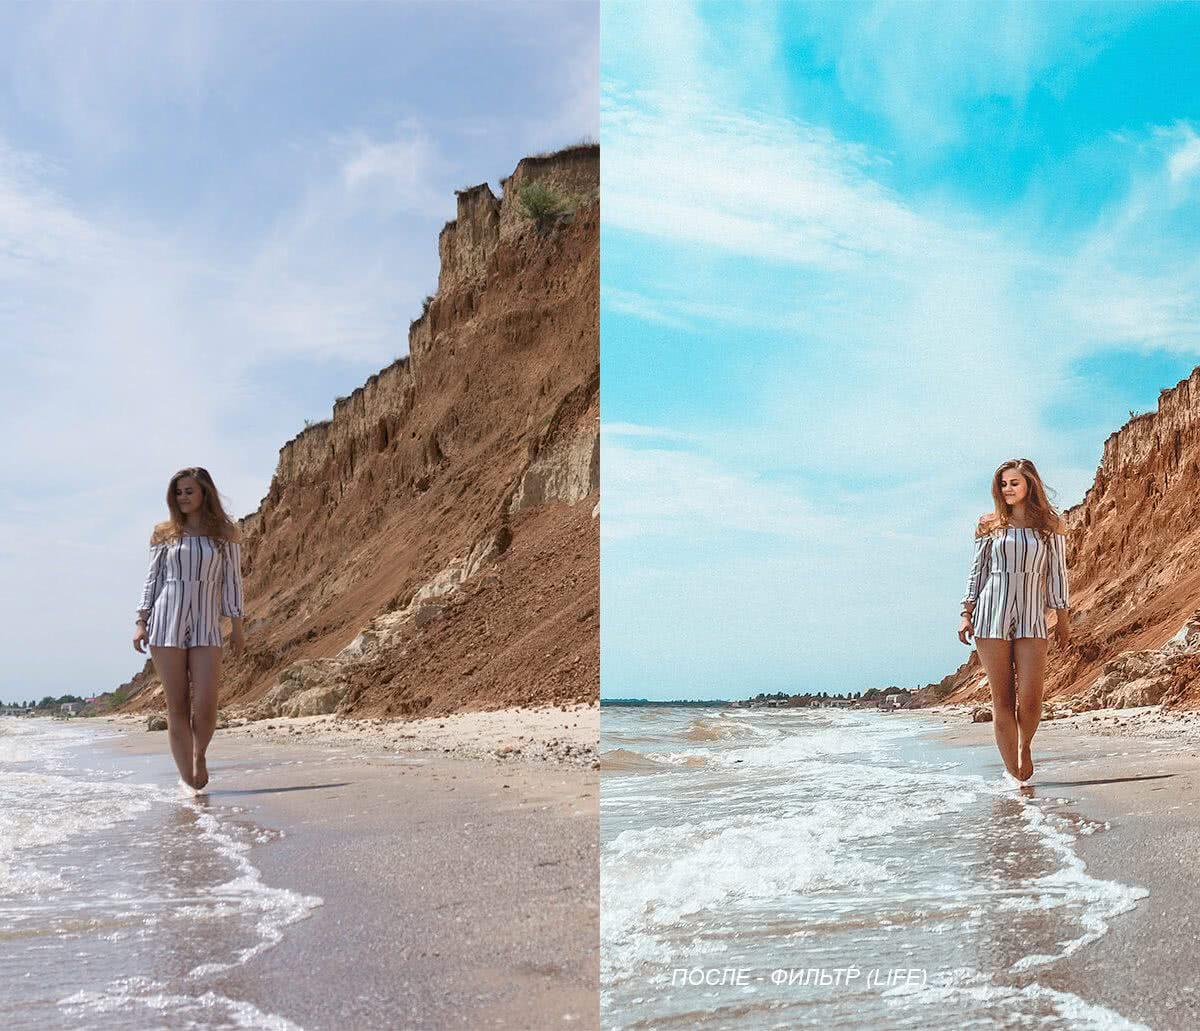 Обработка фото со смартфона